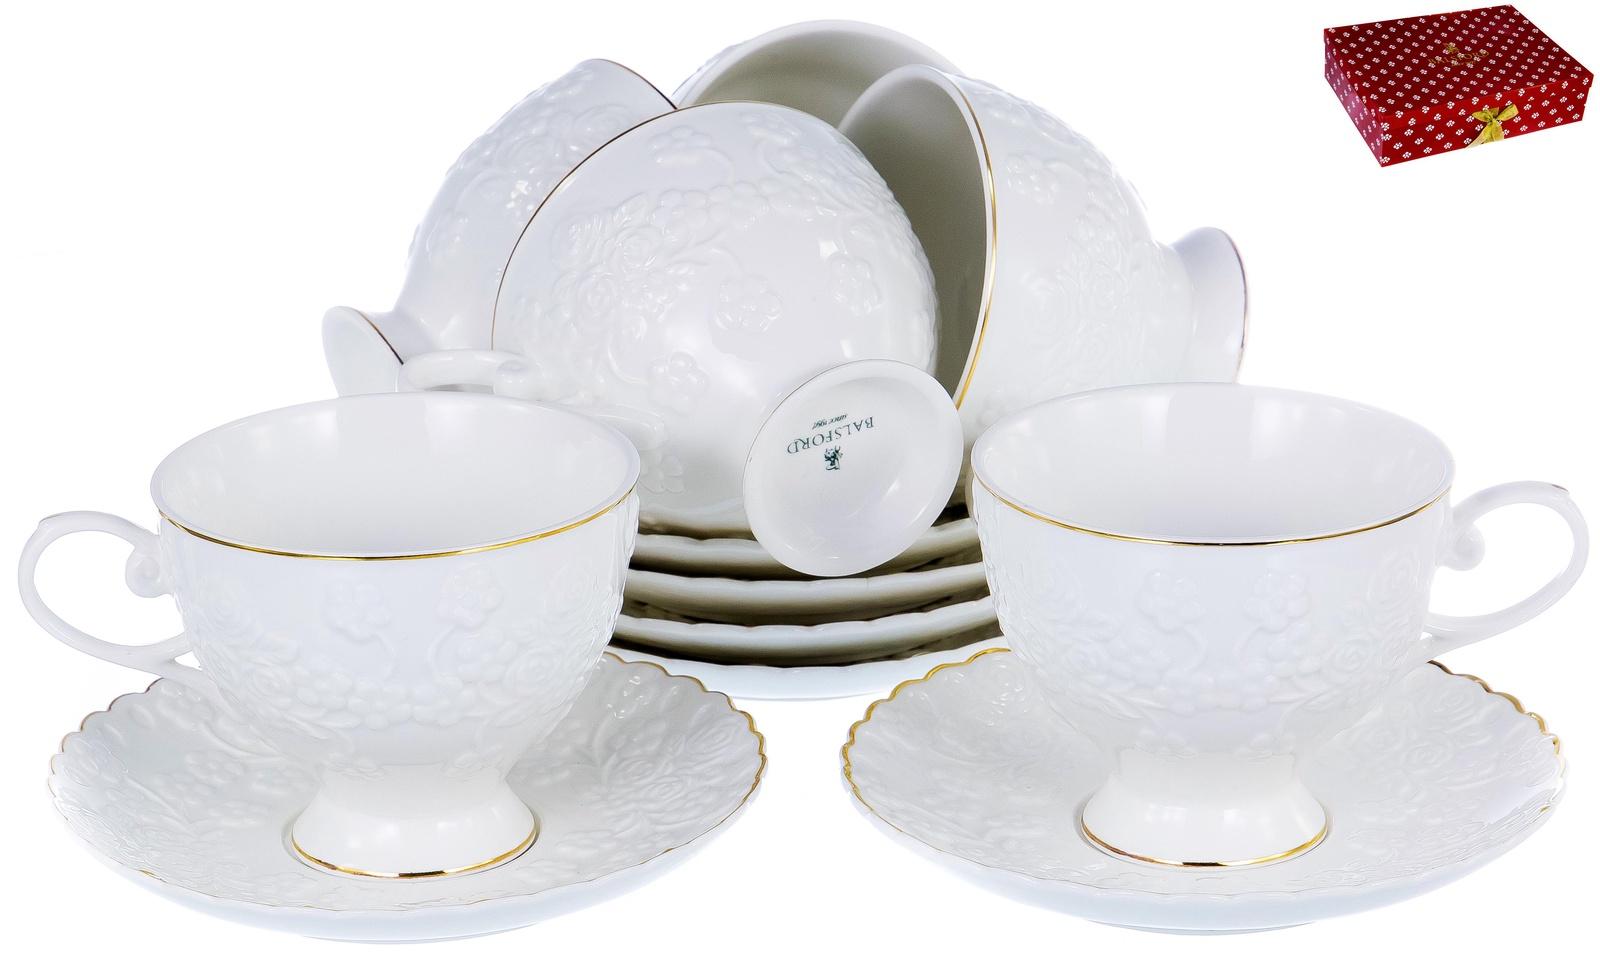 ГРАЦИЯ, набор чайный, 6 чашек 220мл, 6 блюдец, NEW BONE CHINA, белый рельефный рисунок с золотом, прямоугольная подарочная упаковка с окном и бантом, ТМ Balsford, артикул 101-30027